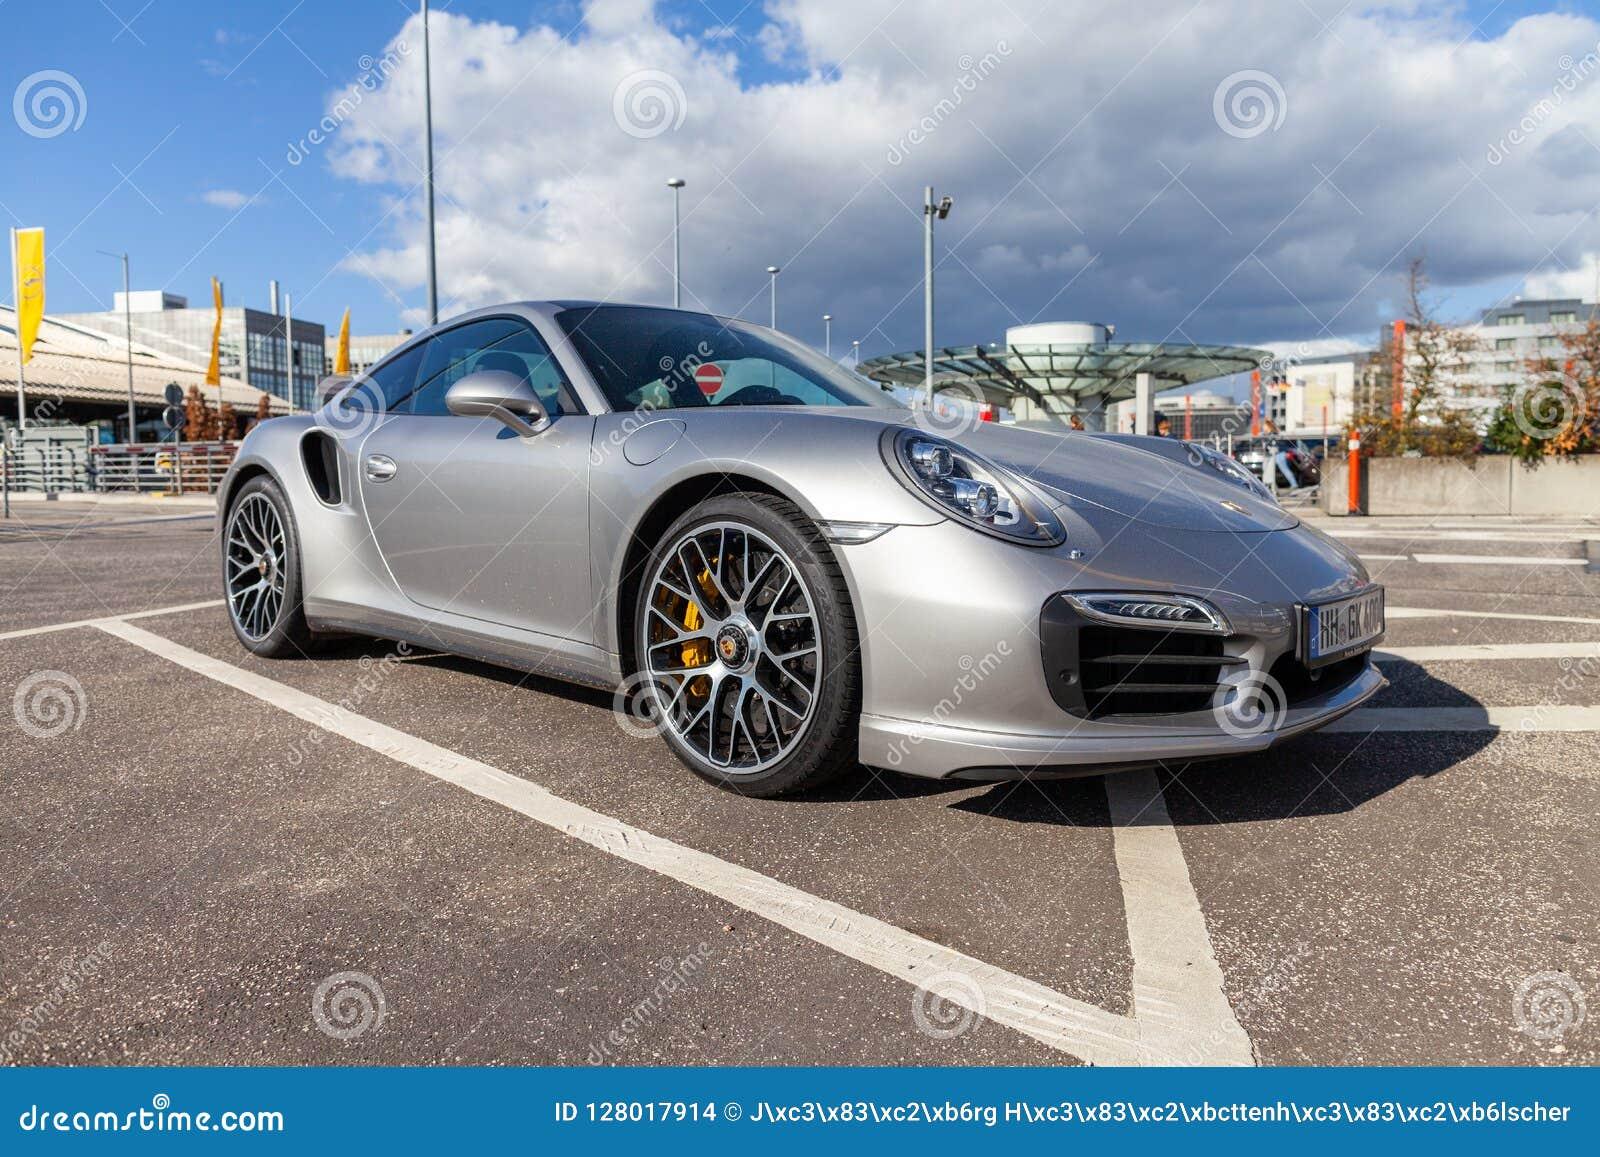 Porsche 911 steht auf Parkplatz